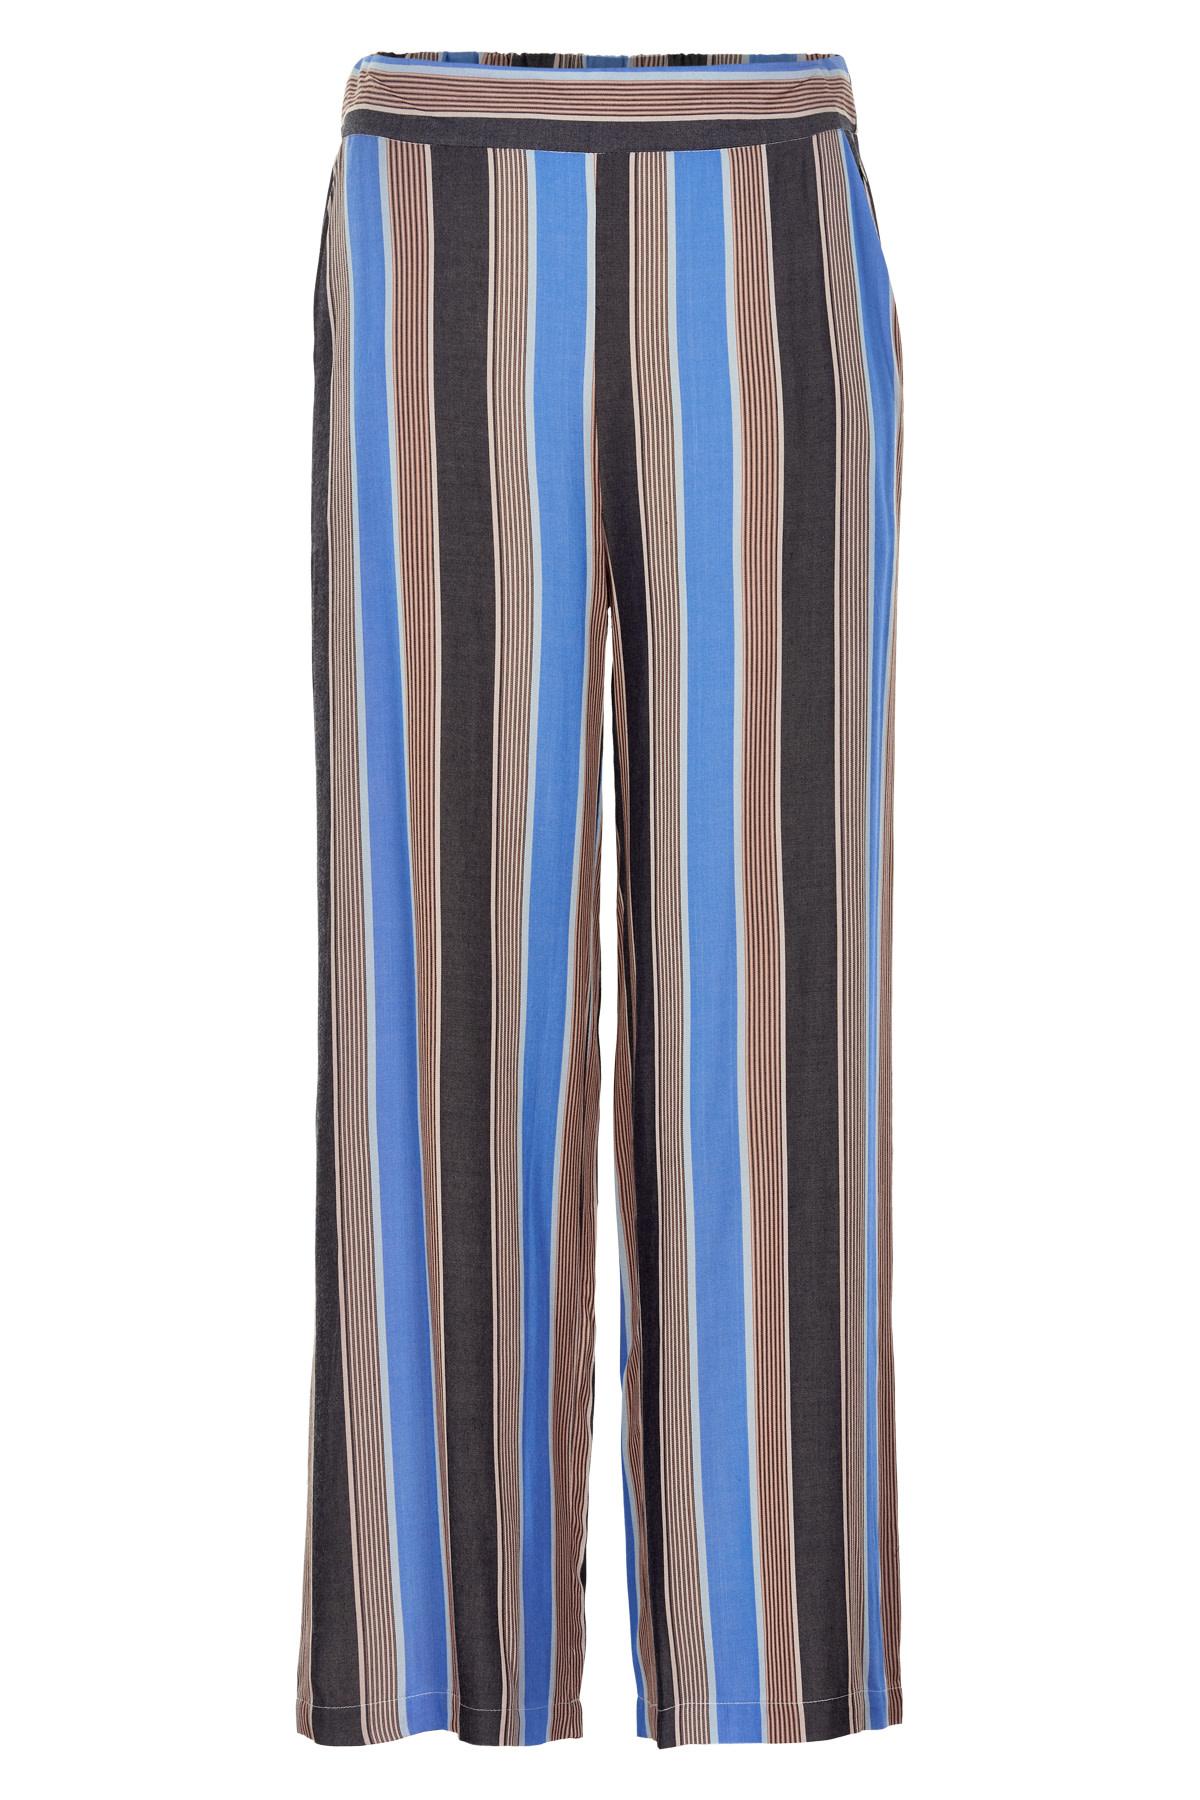 Nümph New Avonlea Pants